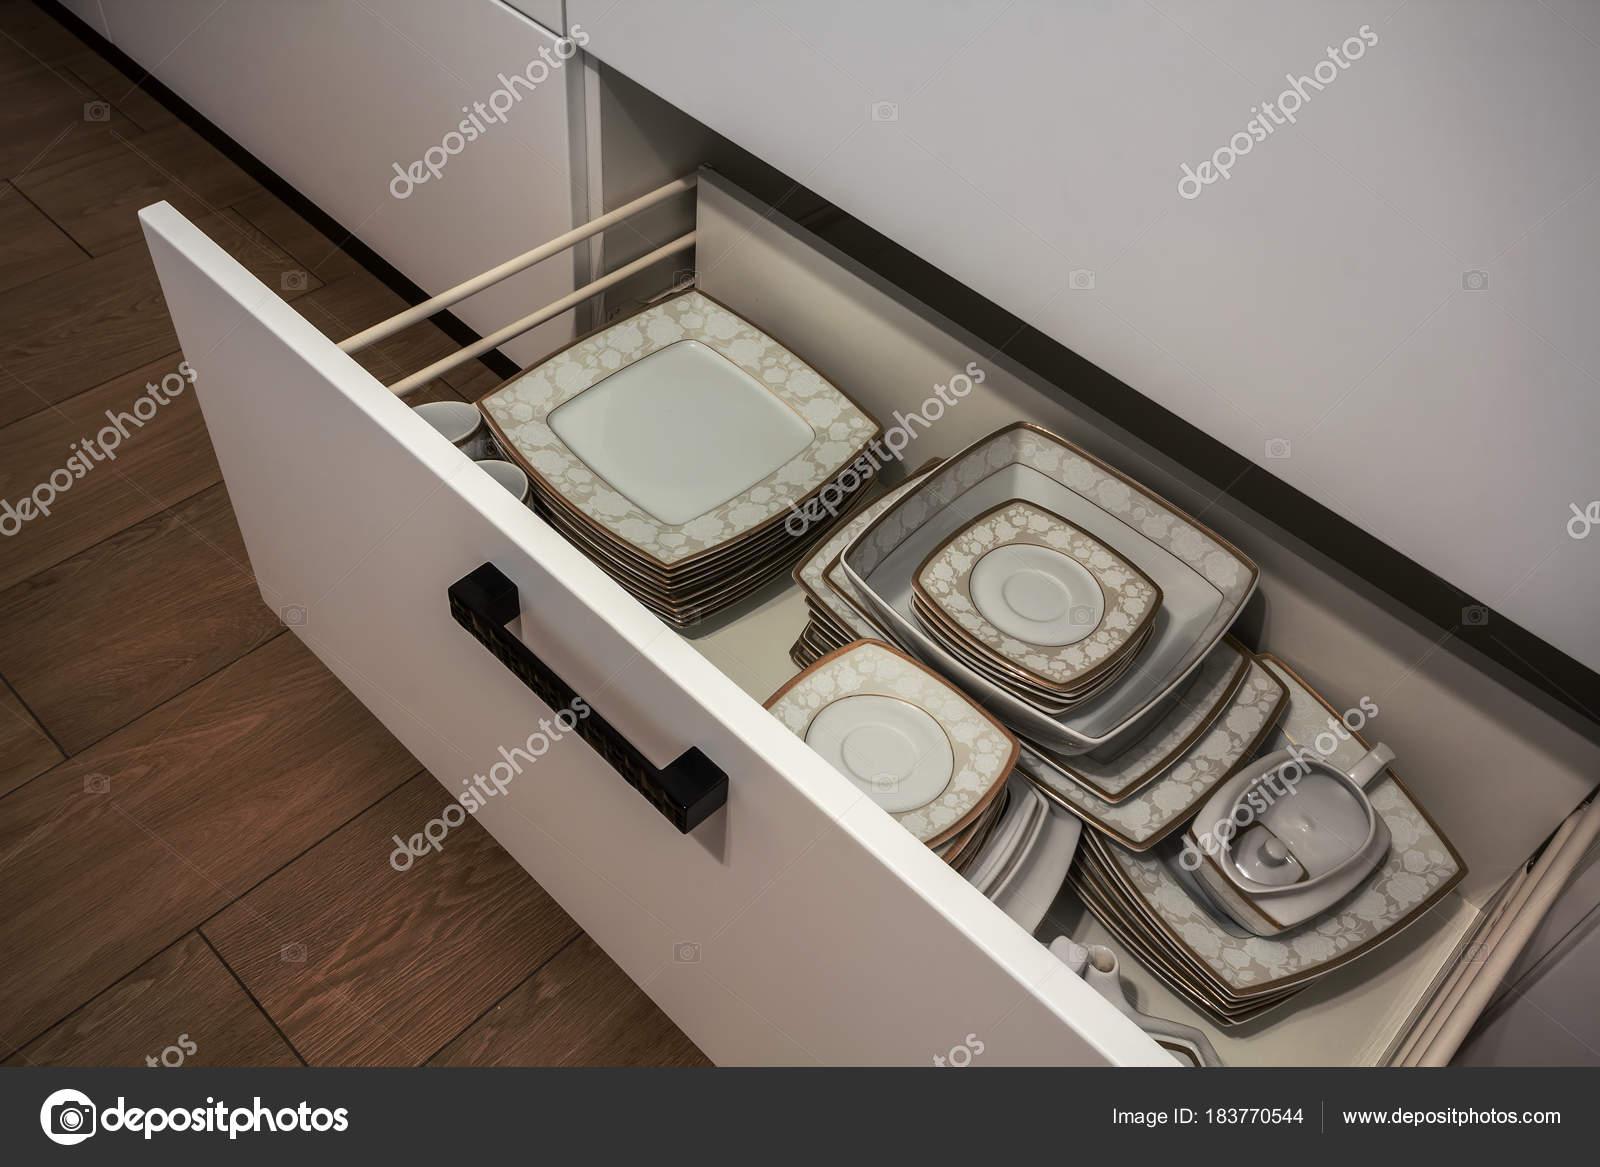 Aanbouw Open Keuken : Open keuken lade met platen binnen een slimme oplossing voor